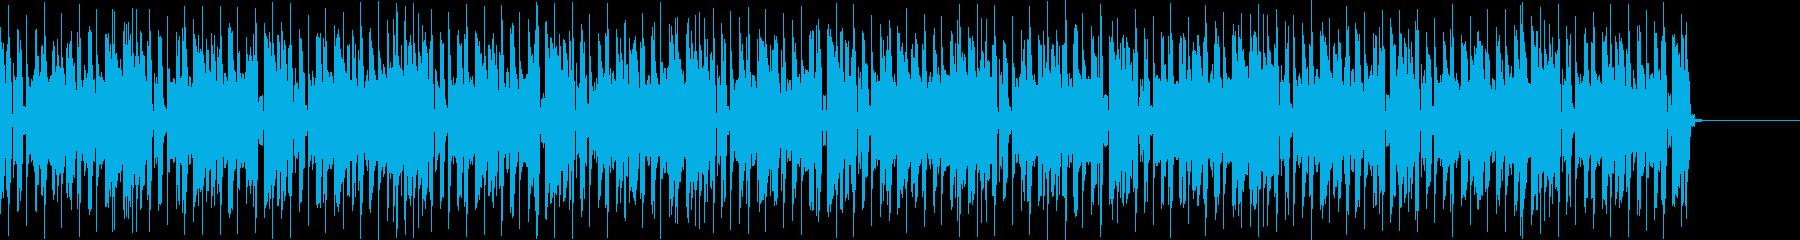 不安定感漂うメロディのシンセポップの再生済みの波形